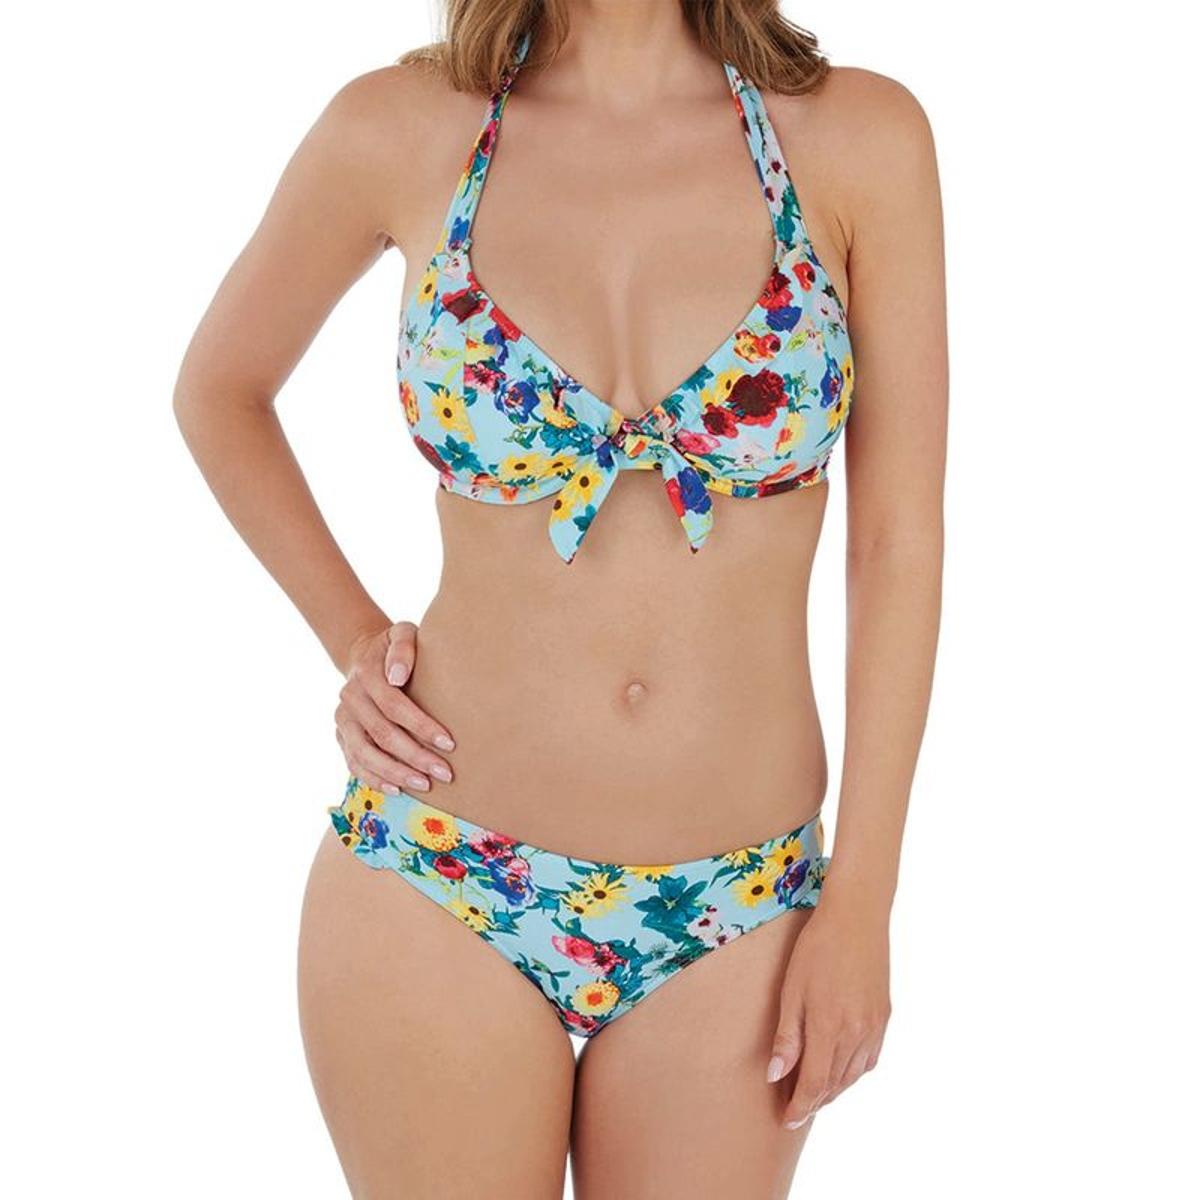 Haut de maillot de bain tour de cou à armatures Audelle FLOWER POWER flower print